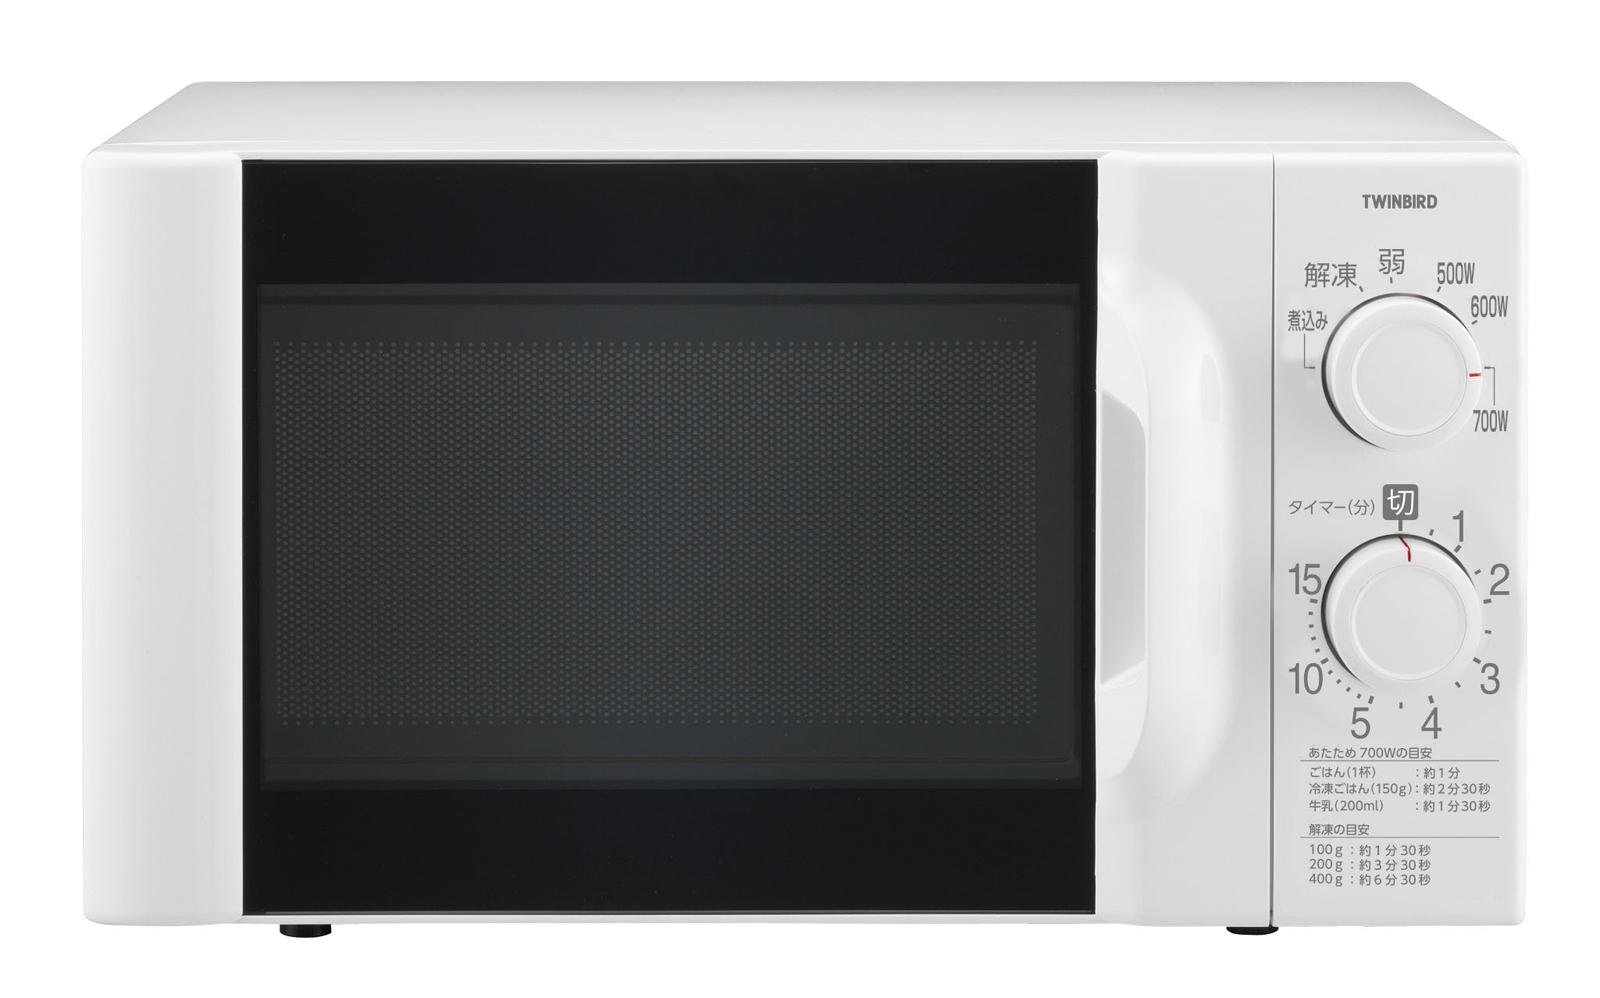 電子レンジ DR-D419 W5 50Hz 【厨房用品 厨房機器 設備 オーブン レンジ コンロ 業務用 販売 通販】 [7-0663-0801 6-0633-0601 ]